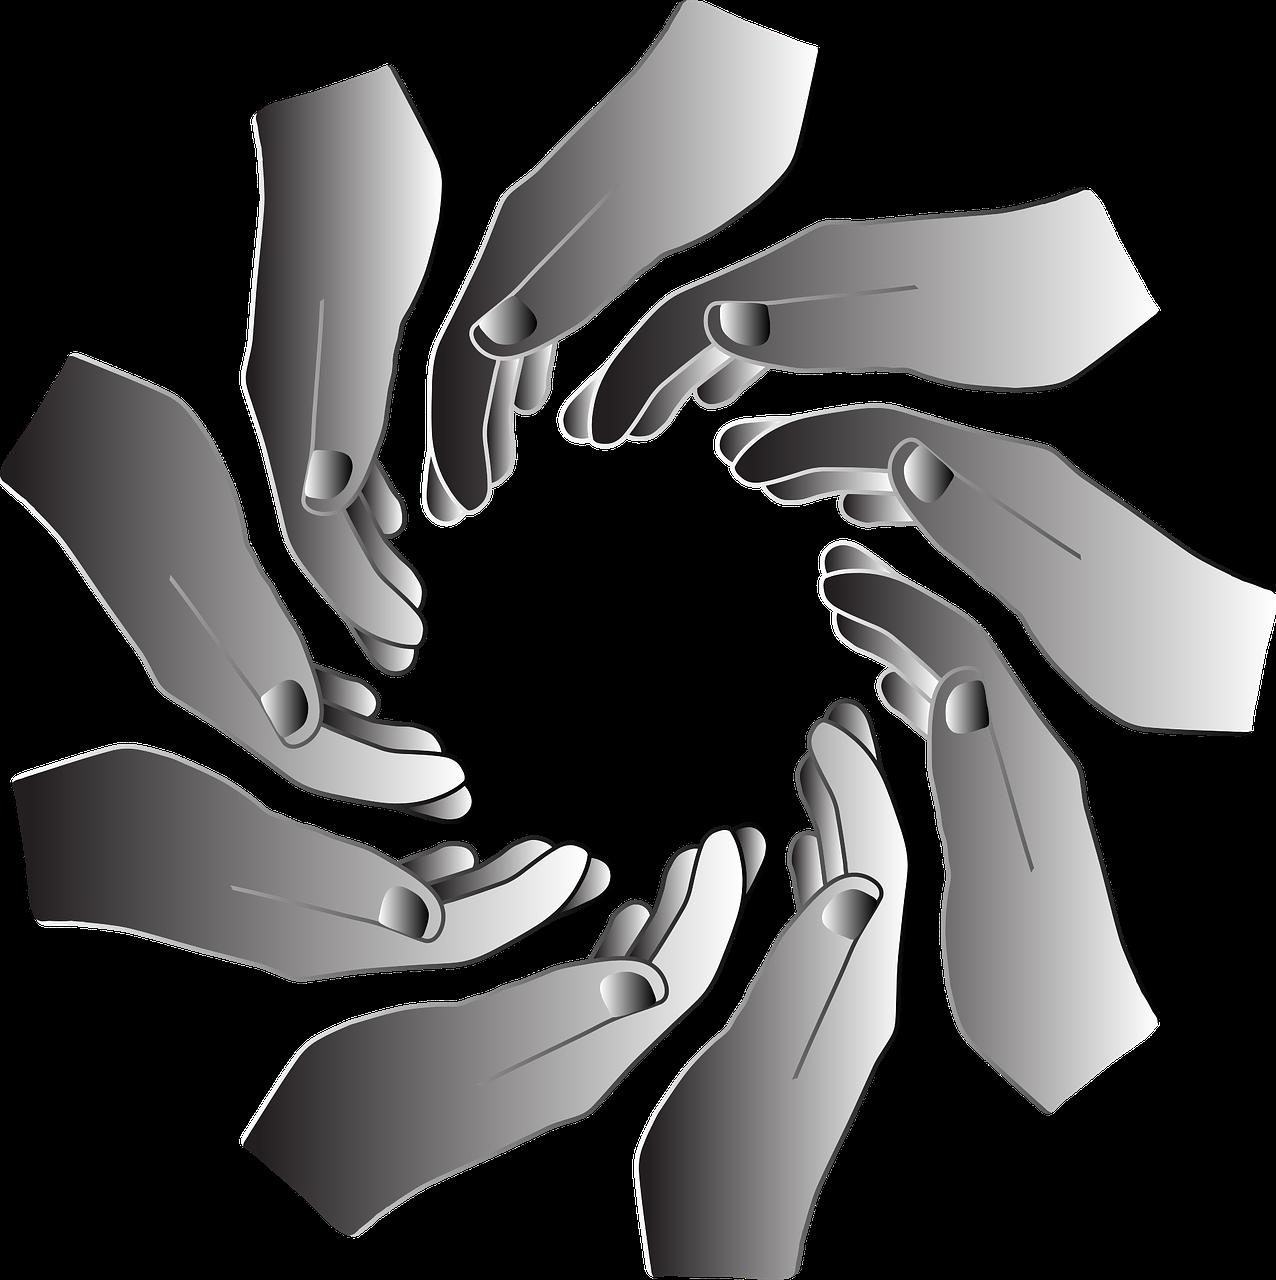 people, hands, frame-5337731.jpg